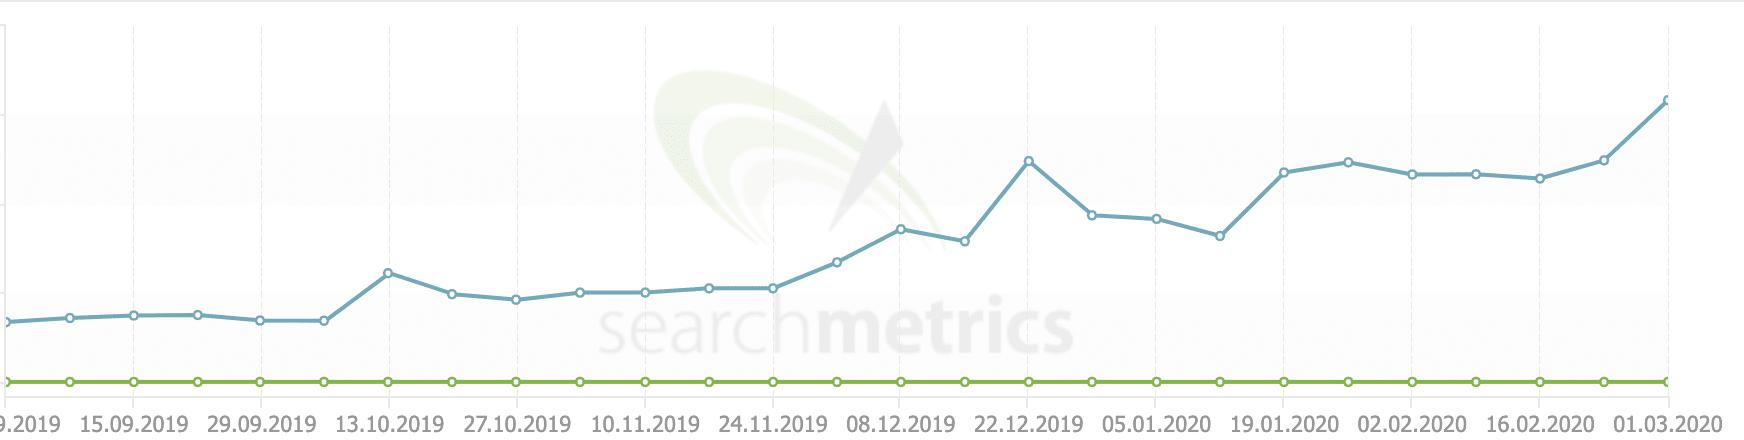 Entwicklung der Sichtbarkeit von Macnotes in den letzten Monaten